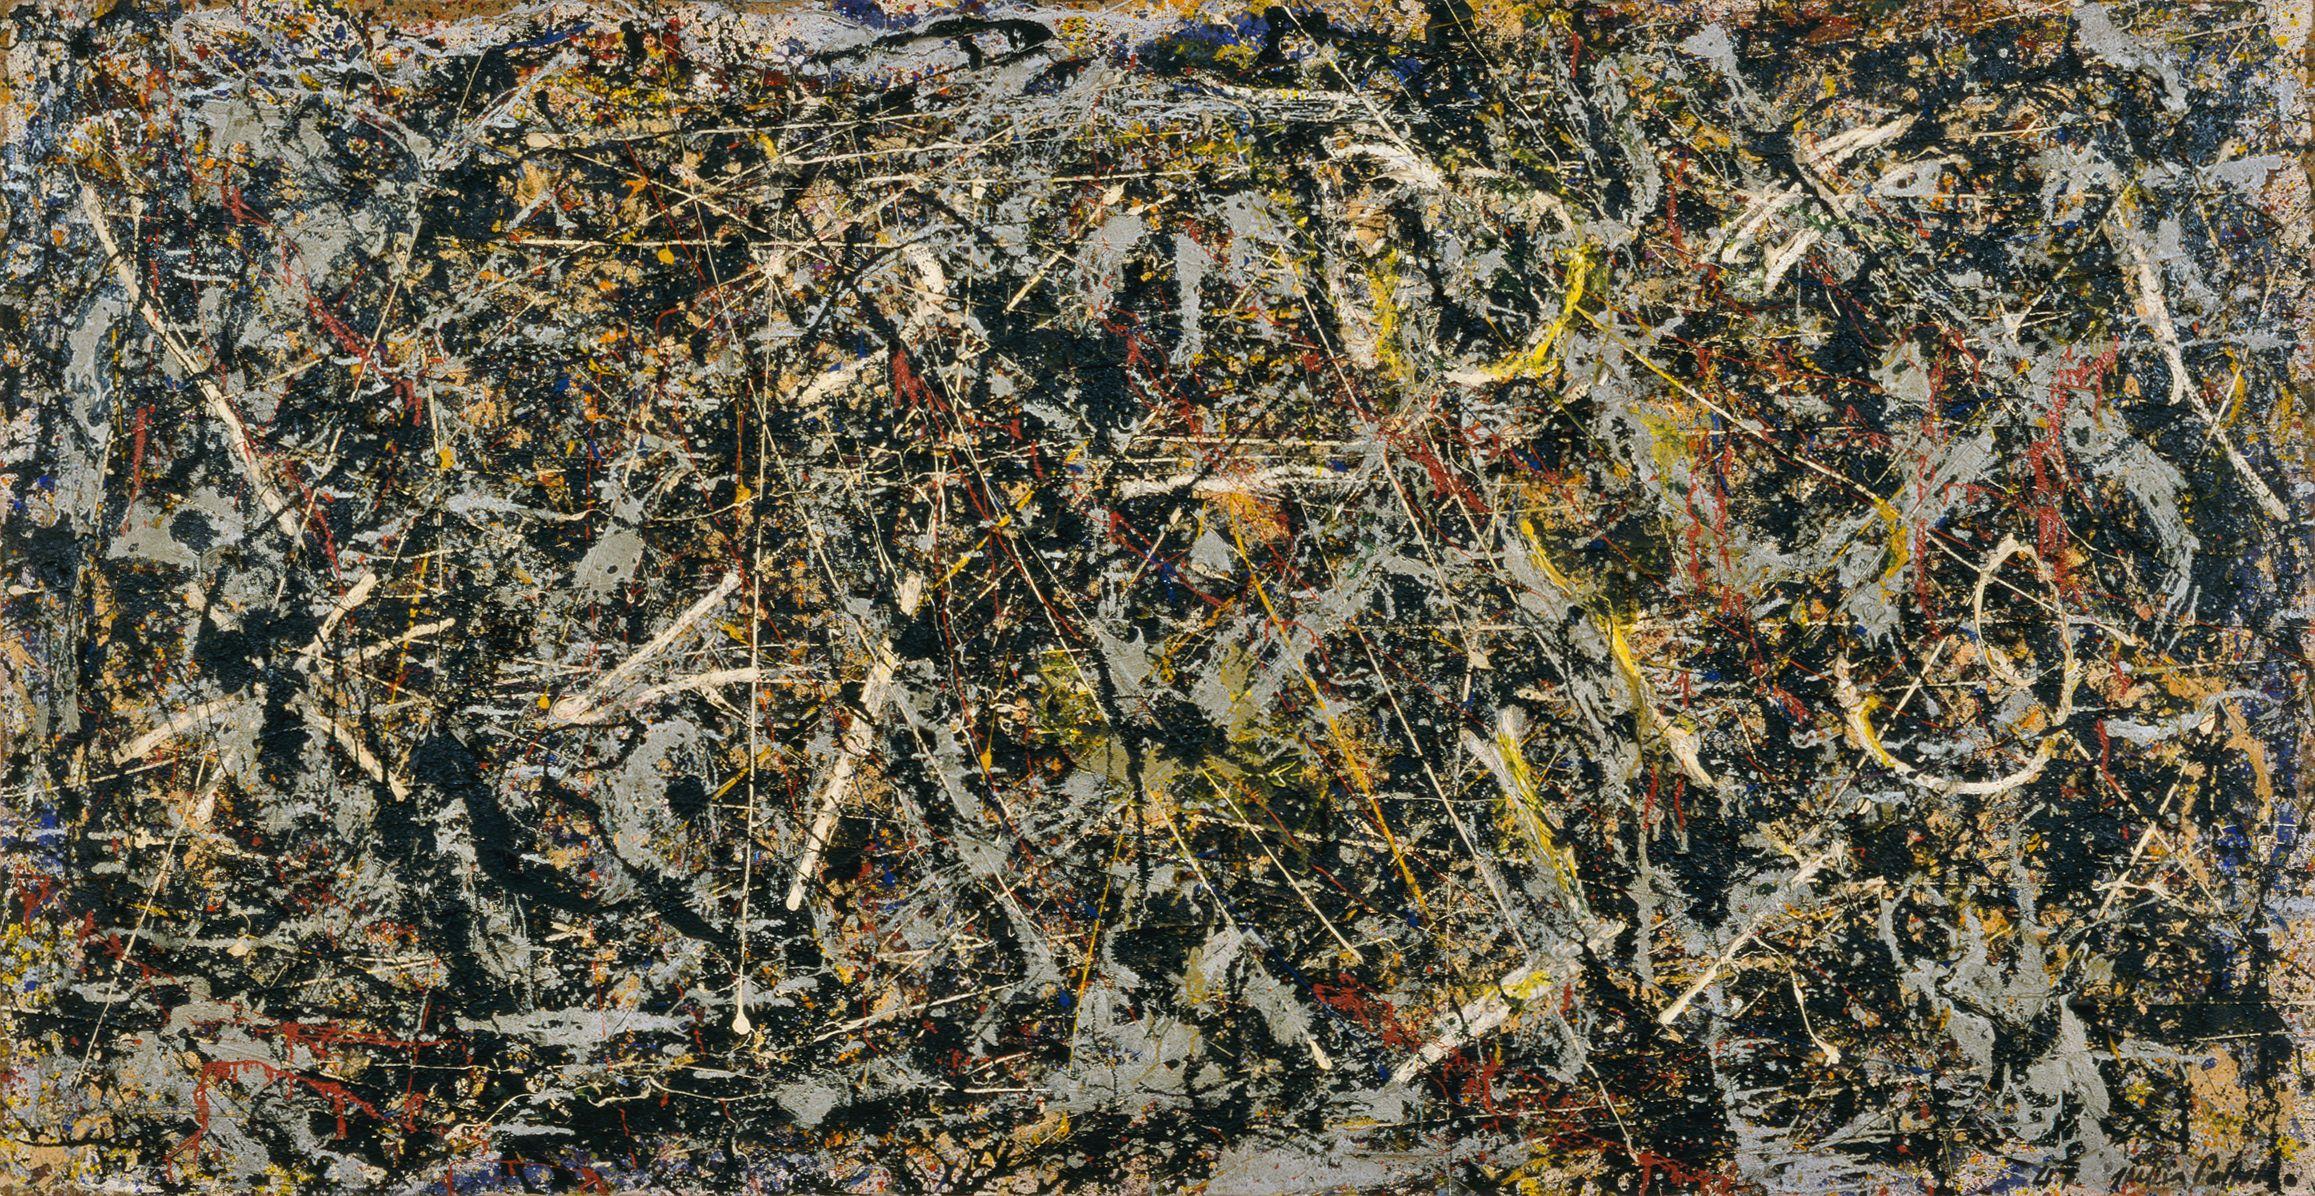 Jackson Pollock, entre les lignes